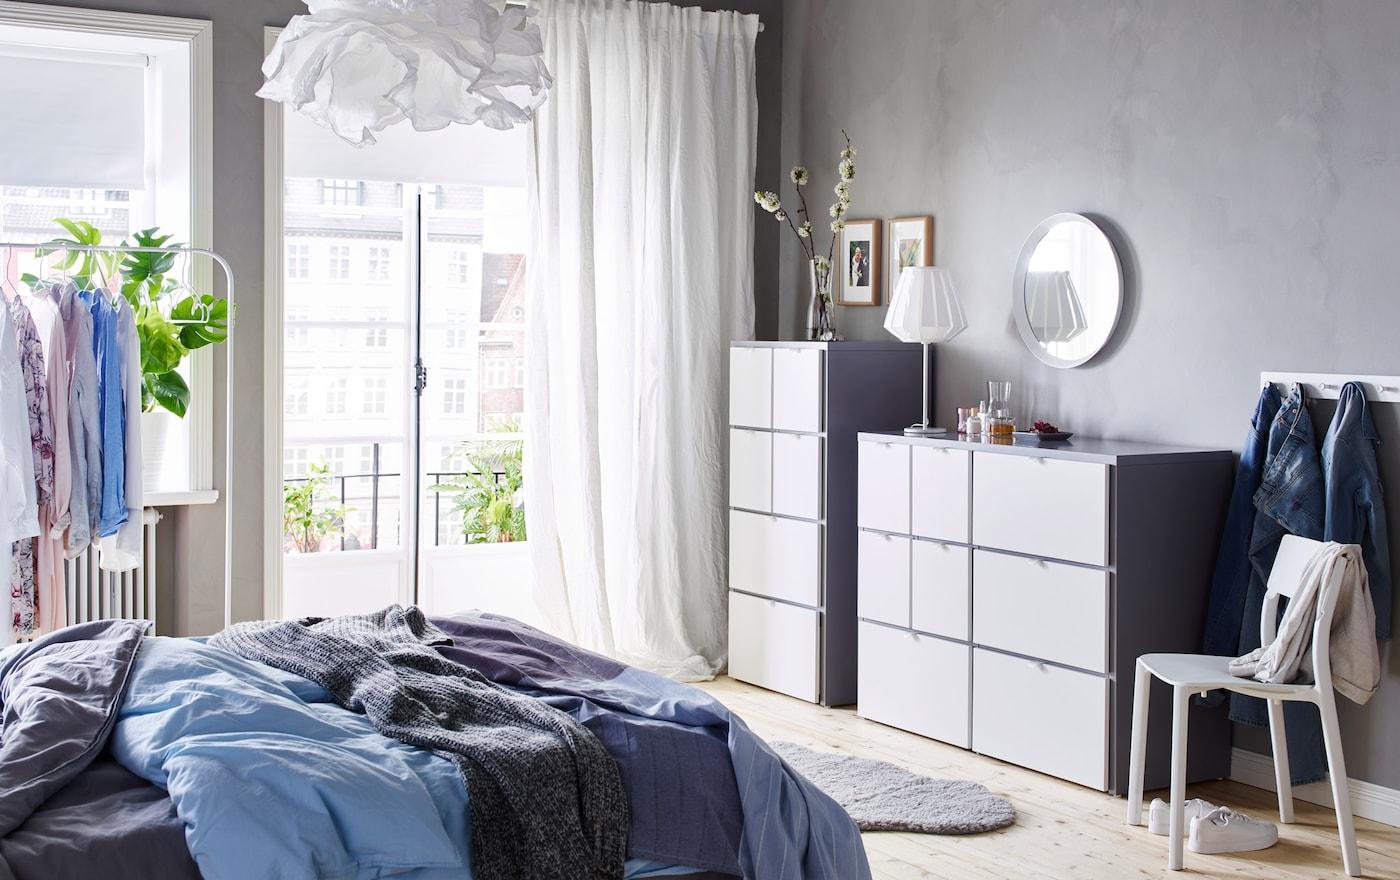 Ein Schlafzimmer U. A. Mit VISTHUS Kommode Mit 8 Schubladen Und VISTHUS  Kommode Mit 6 Schubladen In